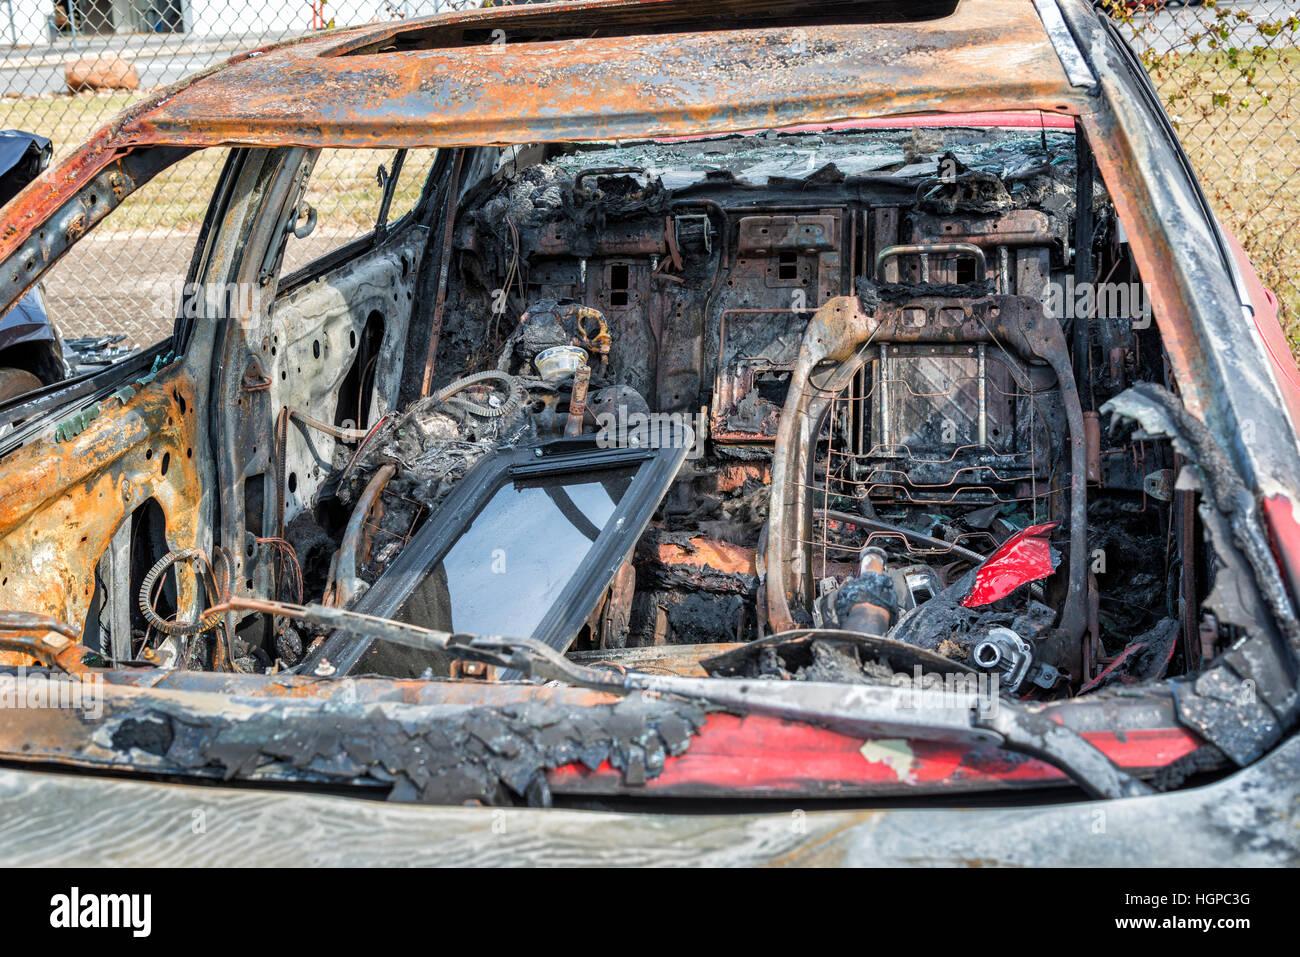 El carbonizado interior de un automóvil que quedó totalmente destruido por un carro de fuego. Arson era Imagen De Stock